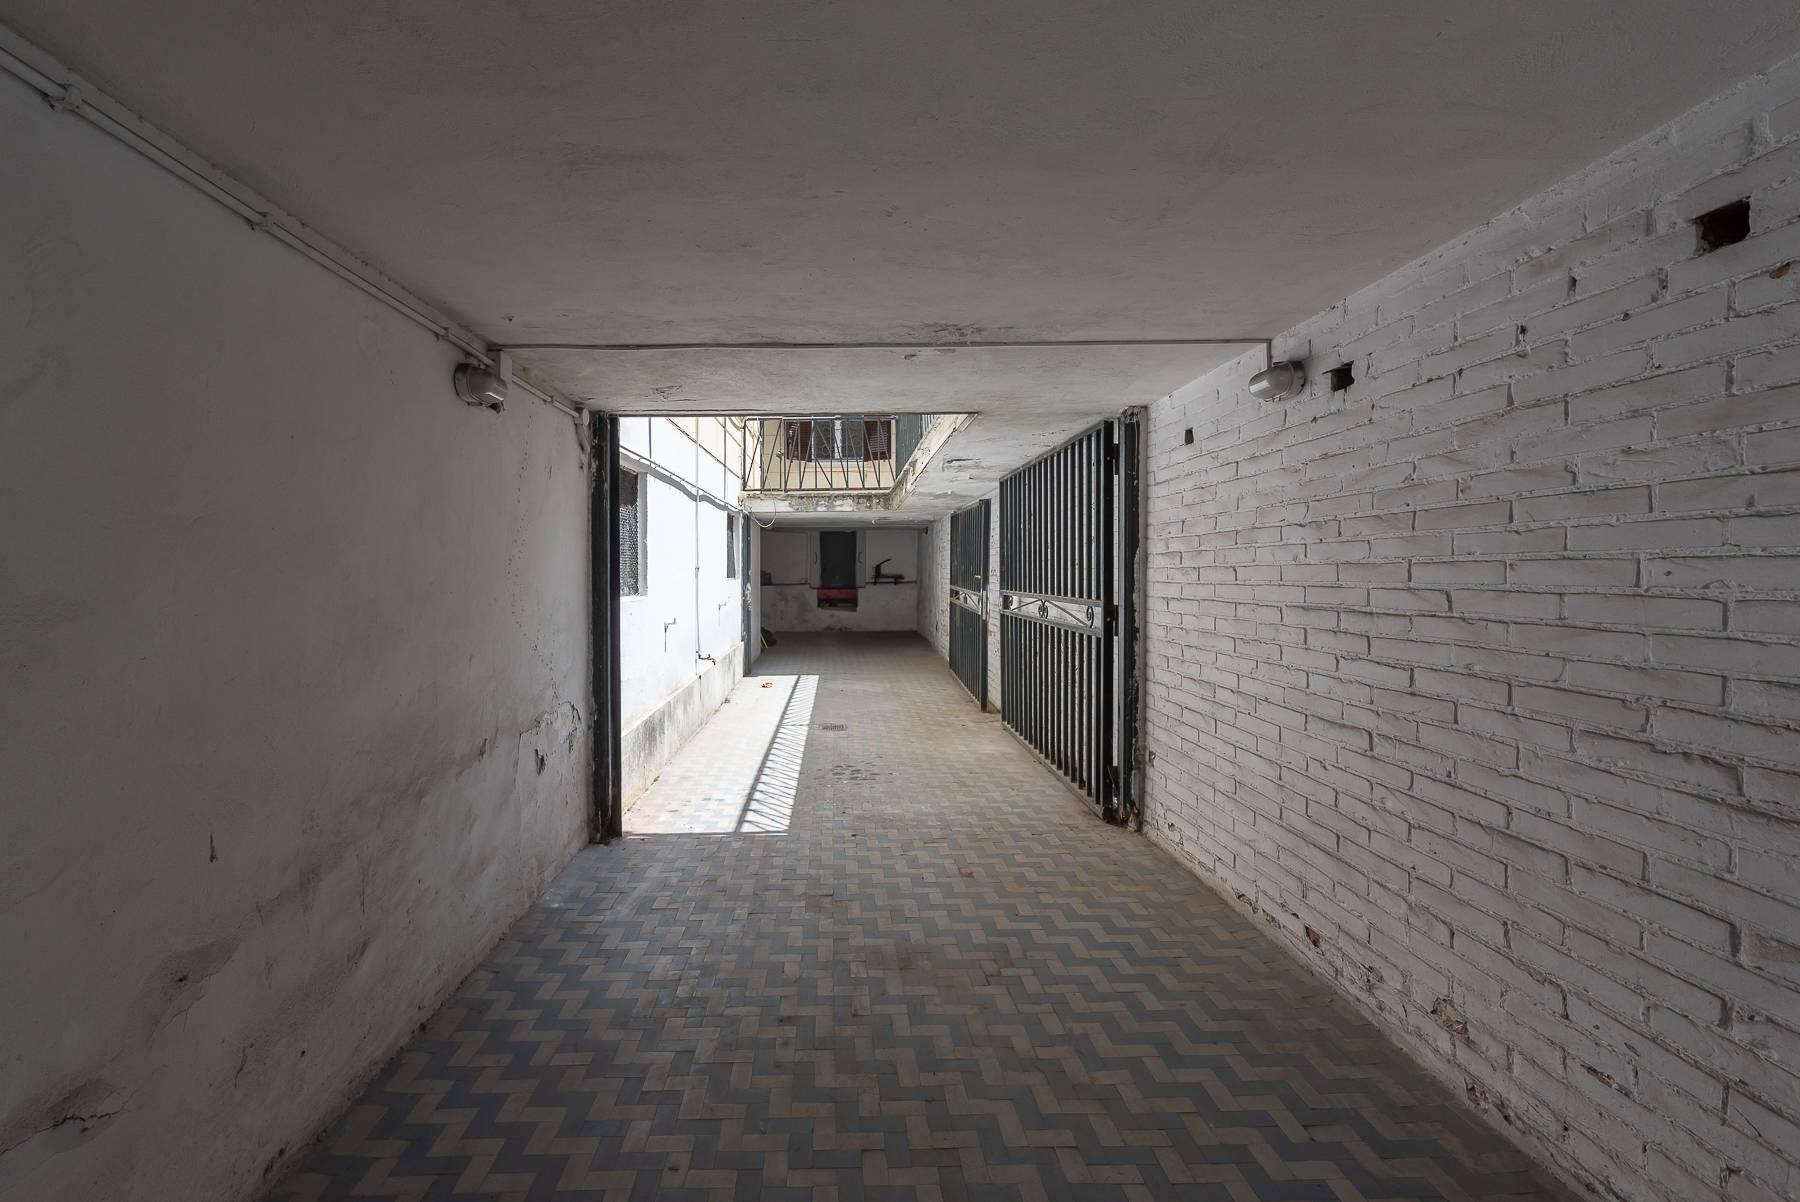 Ufficio-studio in Vendita a Roma: 5 locali, 322 mq - Foto 21